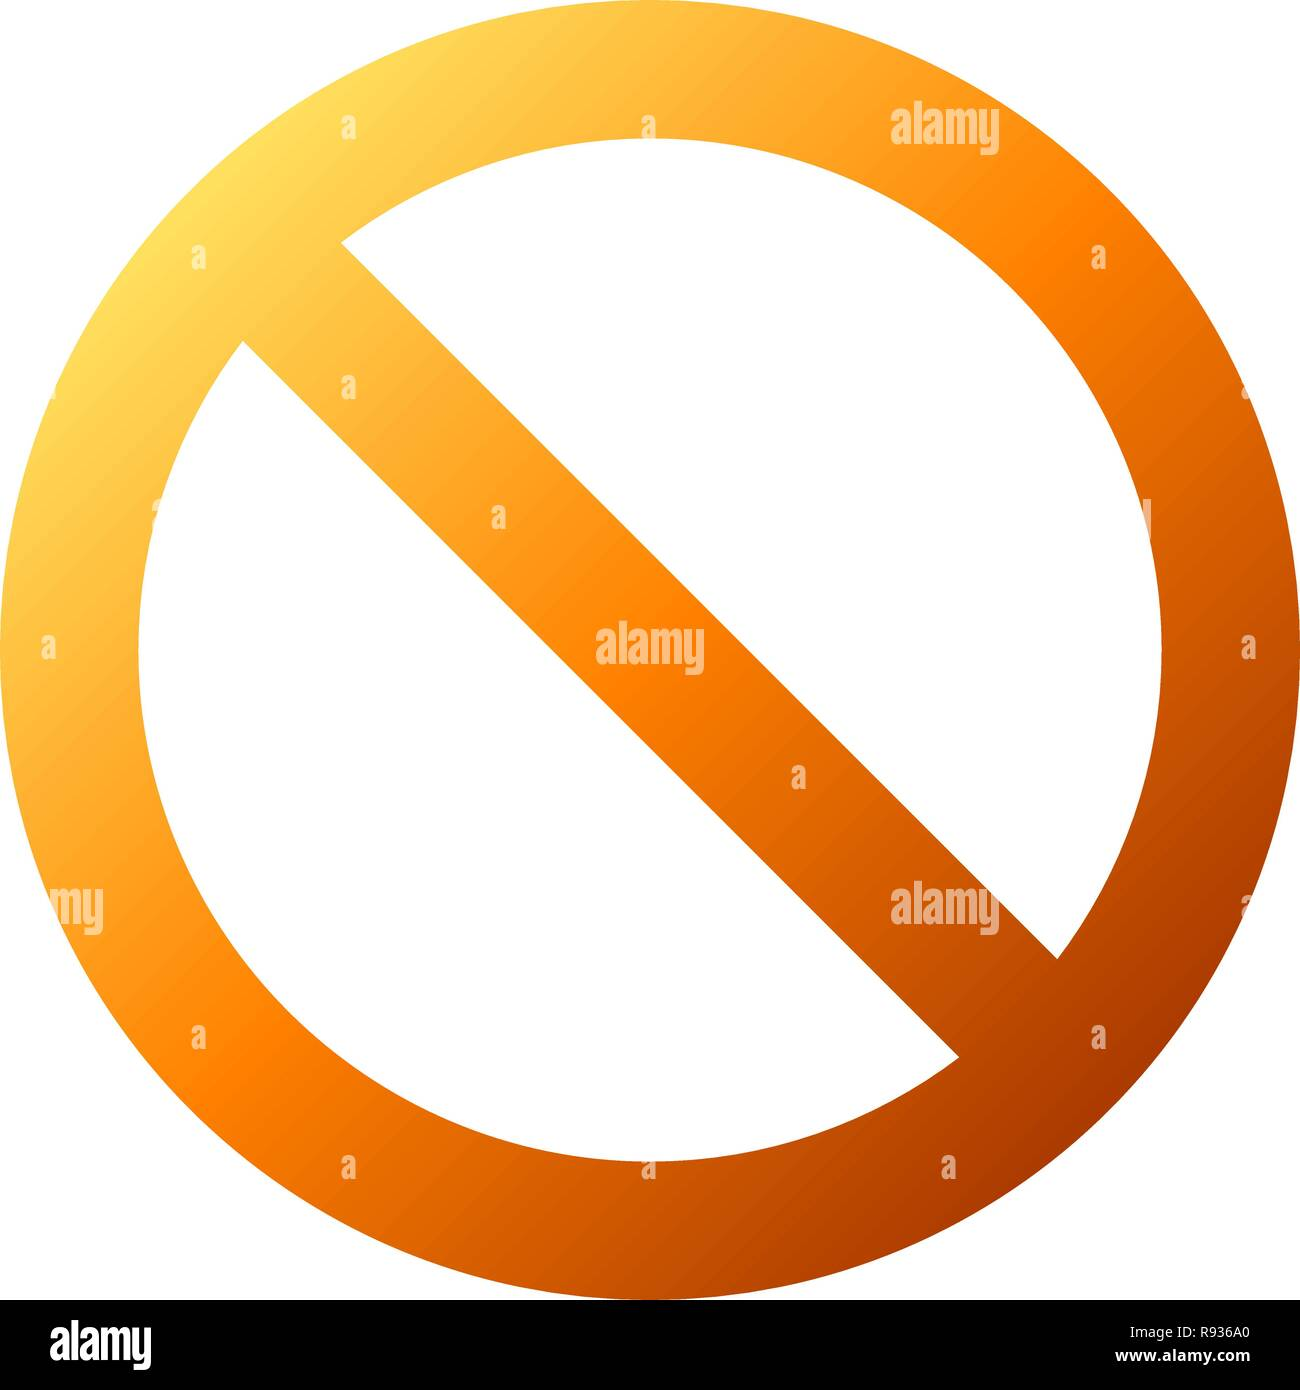 signes d'avertissement d'abus dans la datation PlanetRomeo gay rencontres apk